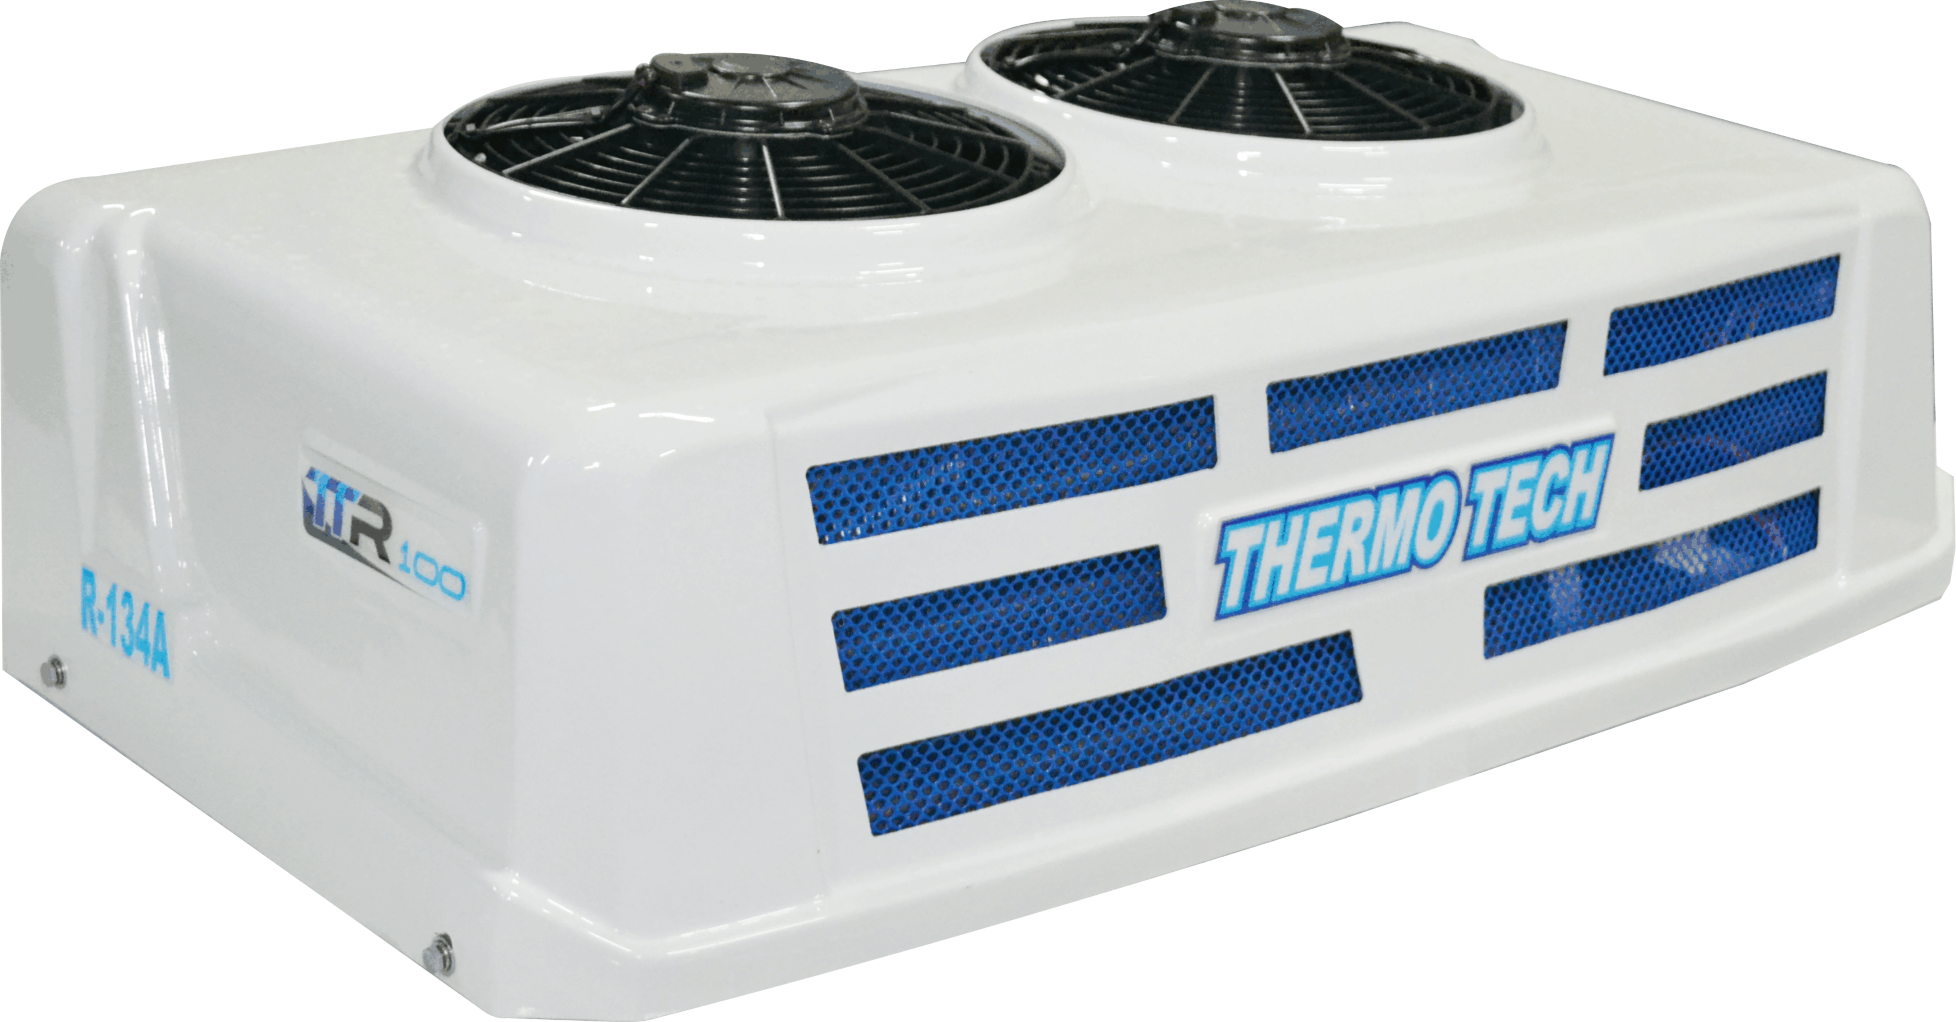 TTR-100